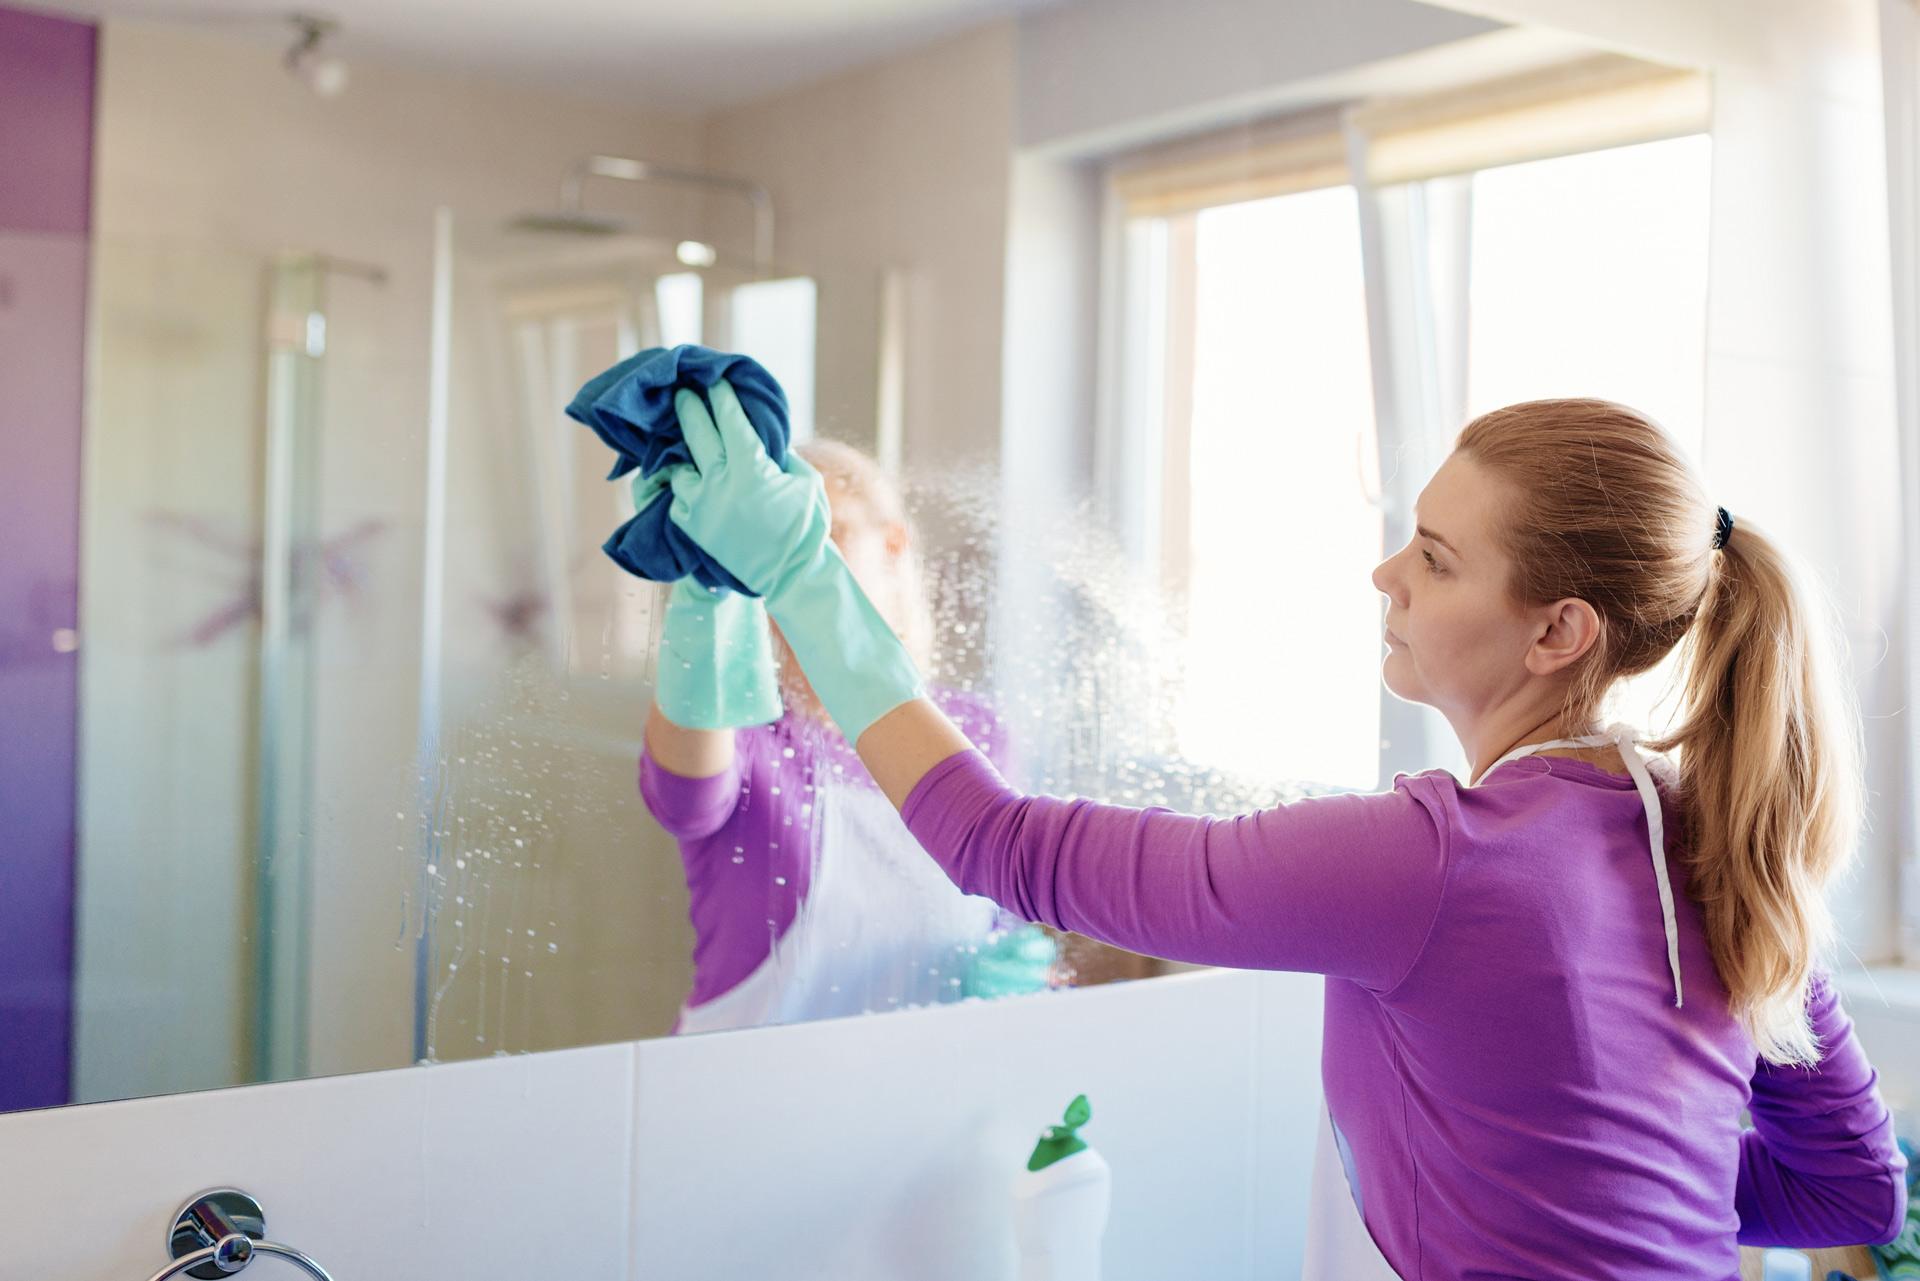 Header Bild: Putzfrau wischt mit einem Putzlappen einen Spiegel ab.